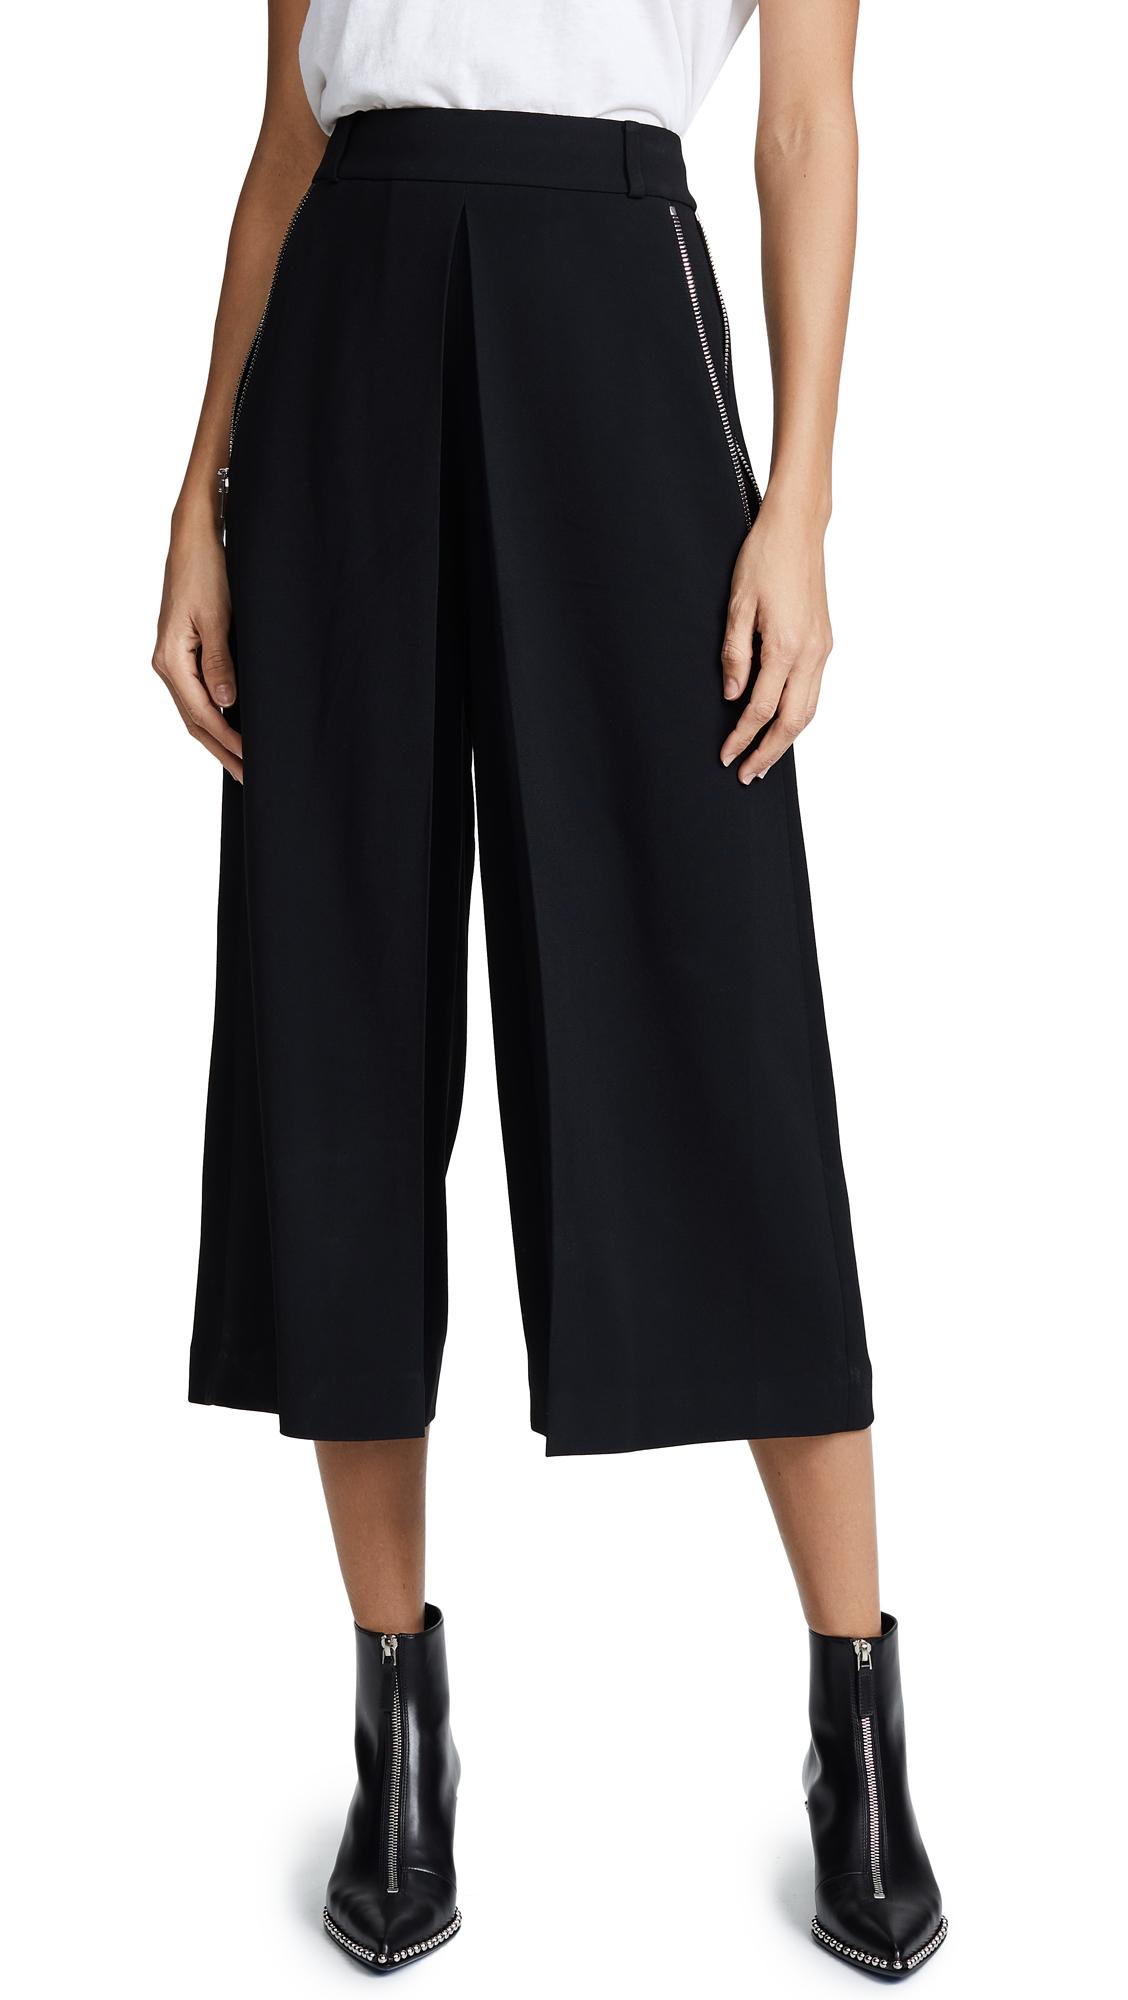 Alexander Wang High Waist Trousers With Zipper Detail